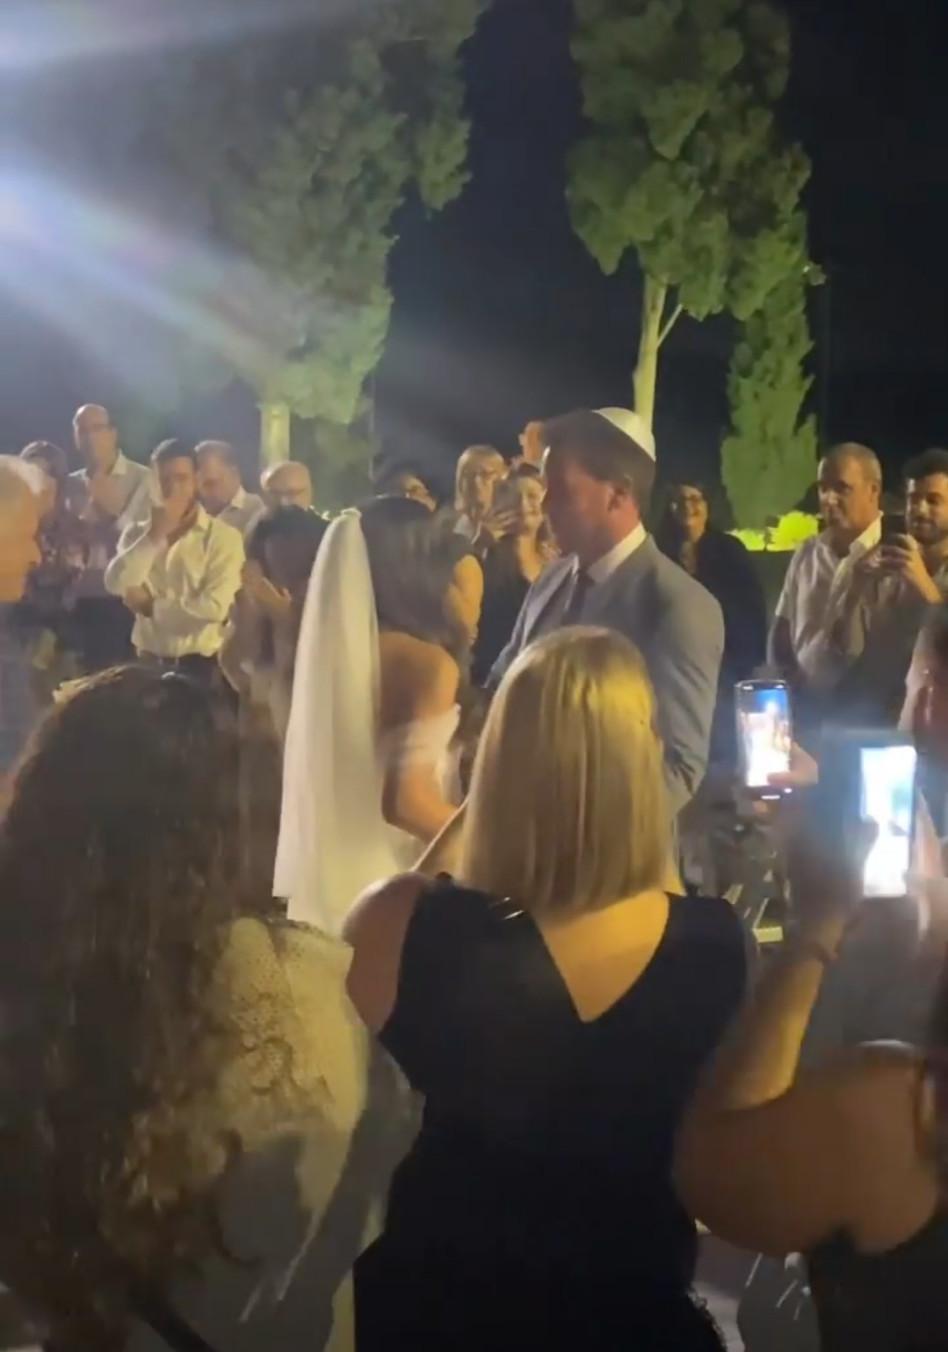 ליאור לביא מתחתן, על התיעוד - שרונה מרלין (צילום: צילום מסך אינסטגרם)